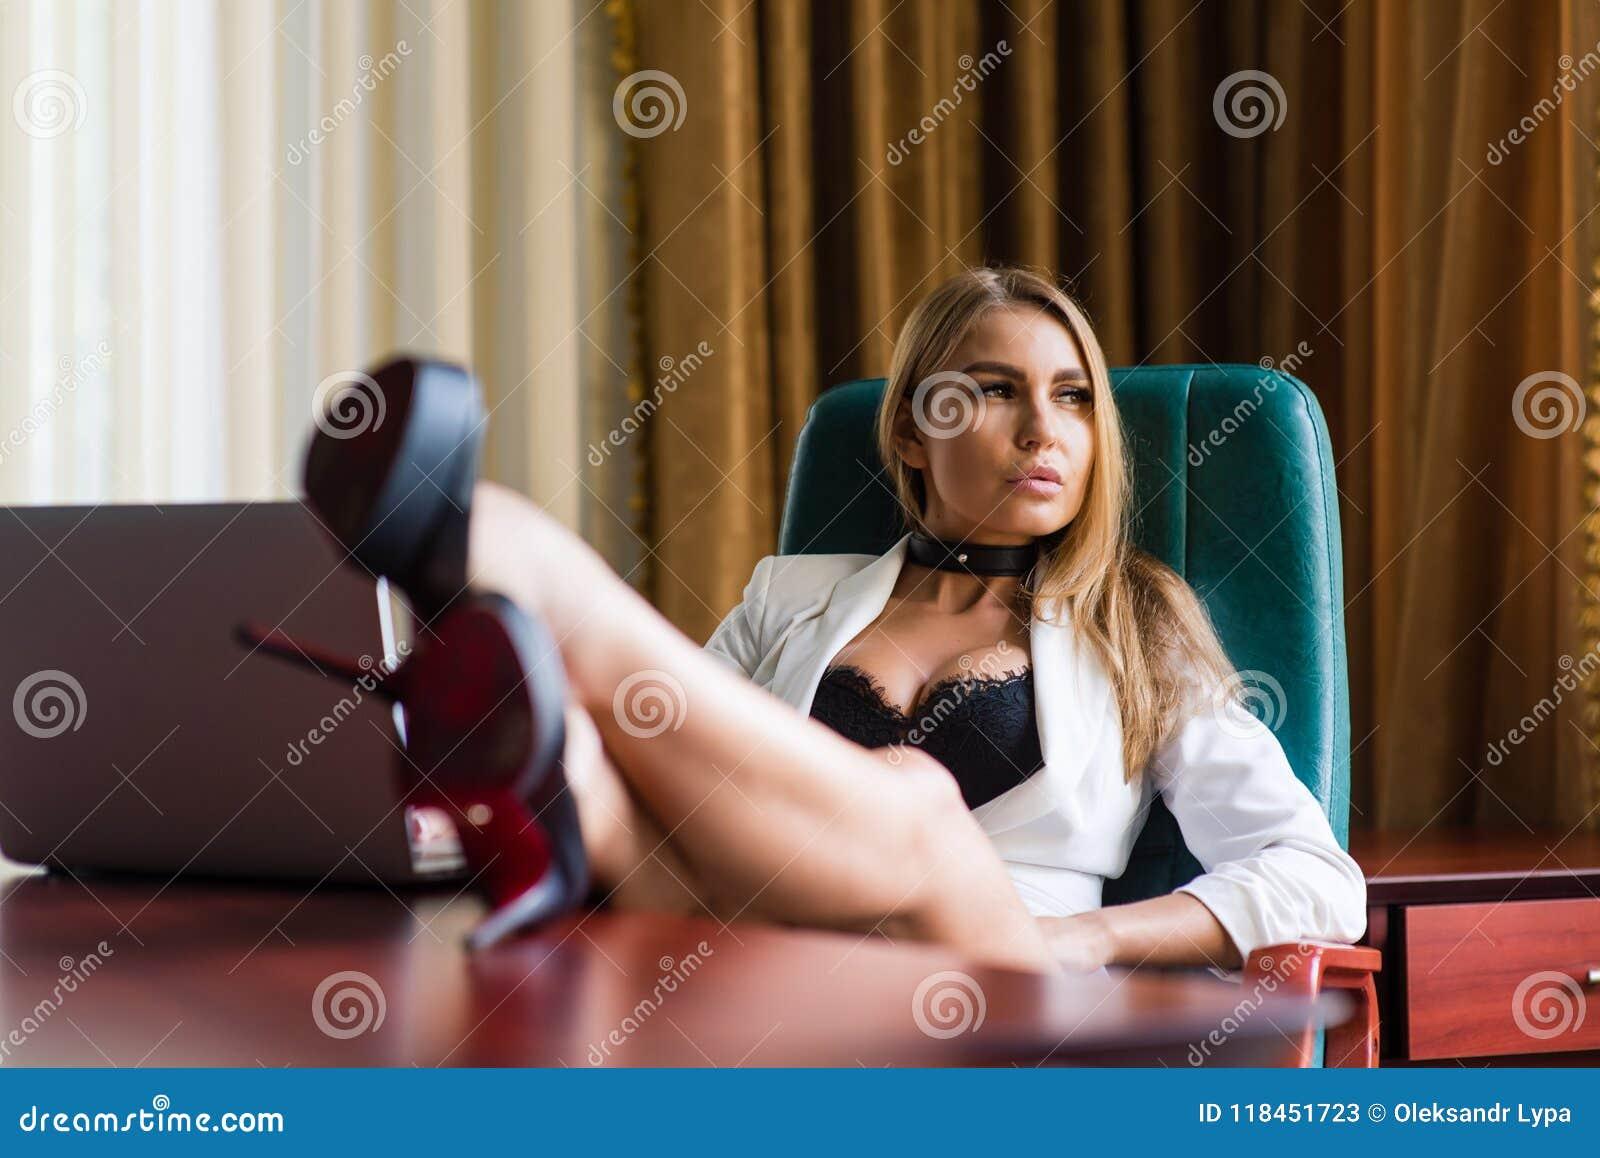 seksualnie-devushki-ofisa-porno-foto-u-tetki-dirisha-v-anuse